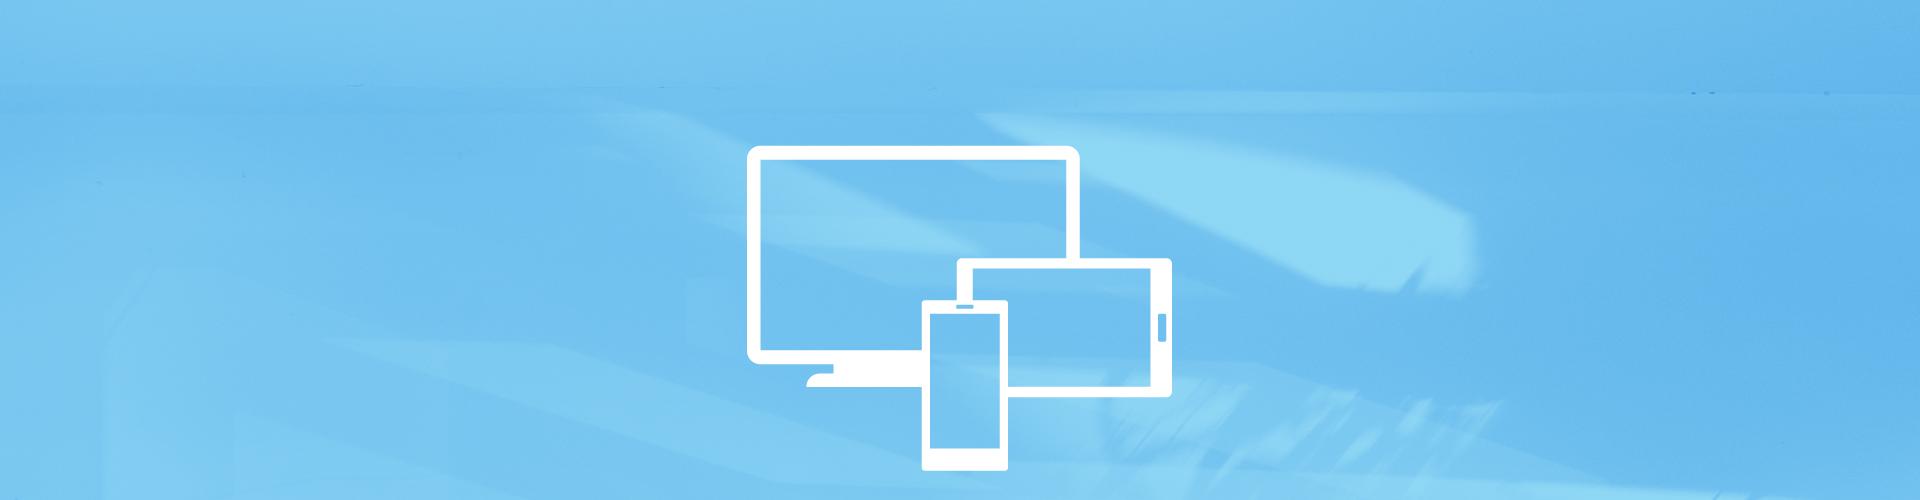 Responsive Webdesign und Webentwicklung aus Chemnitz durch professionelle Webdesigner